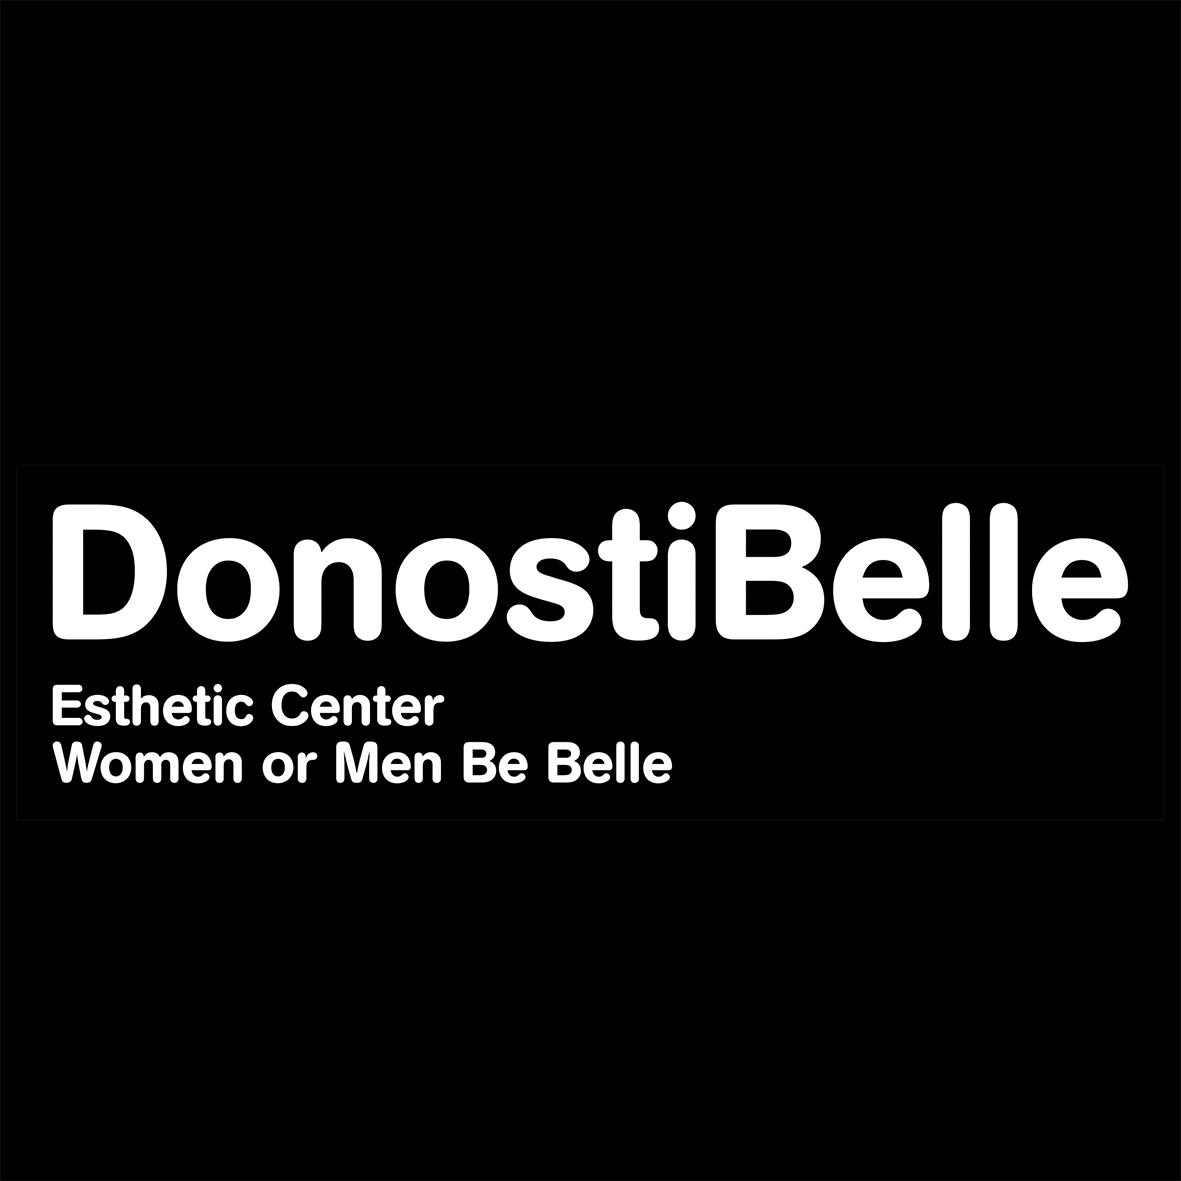 DonostiBelle - Euskaraz